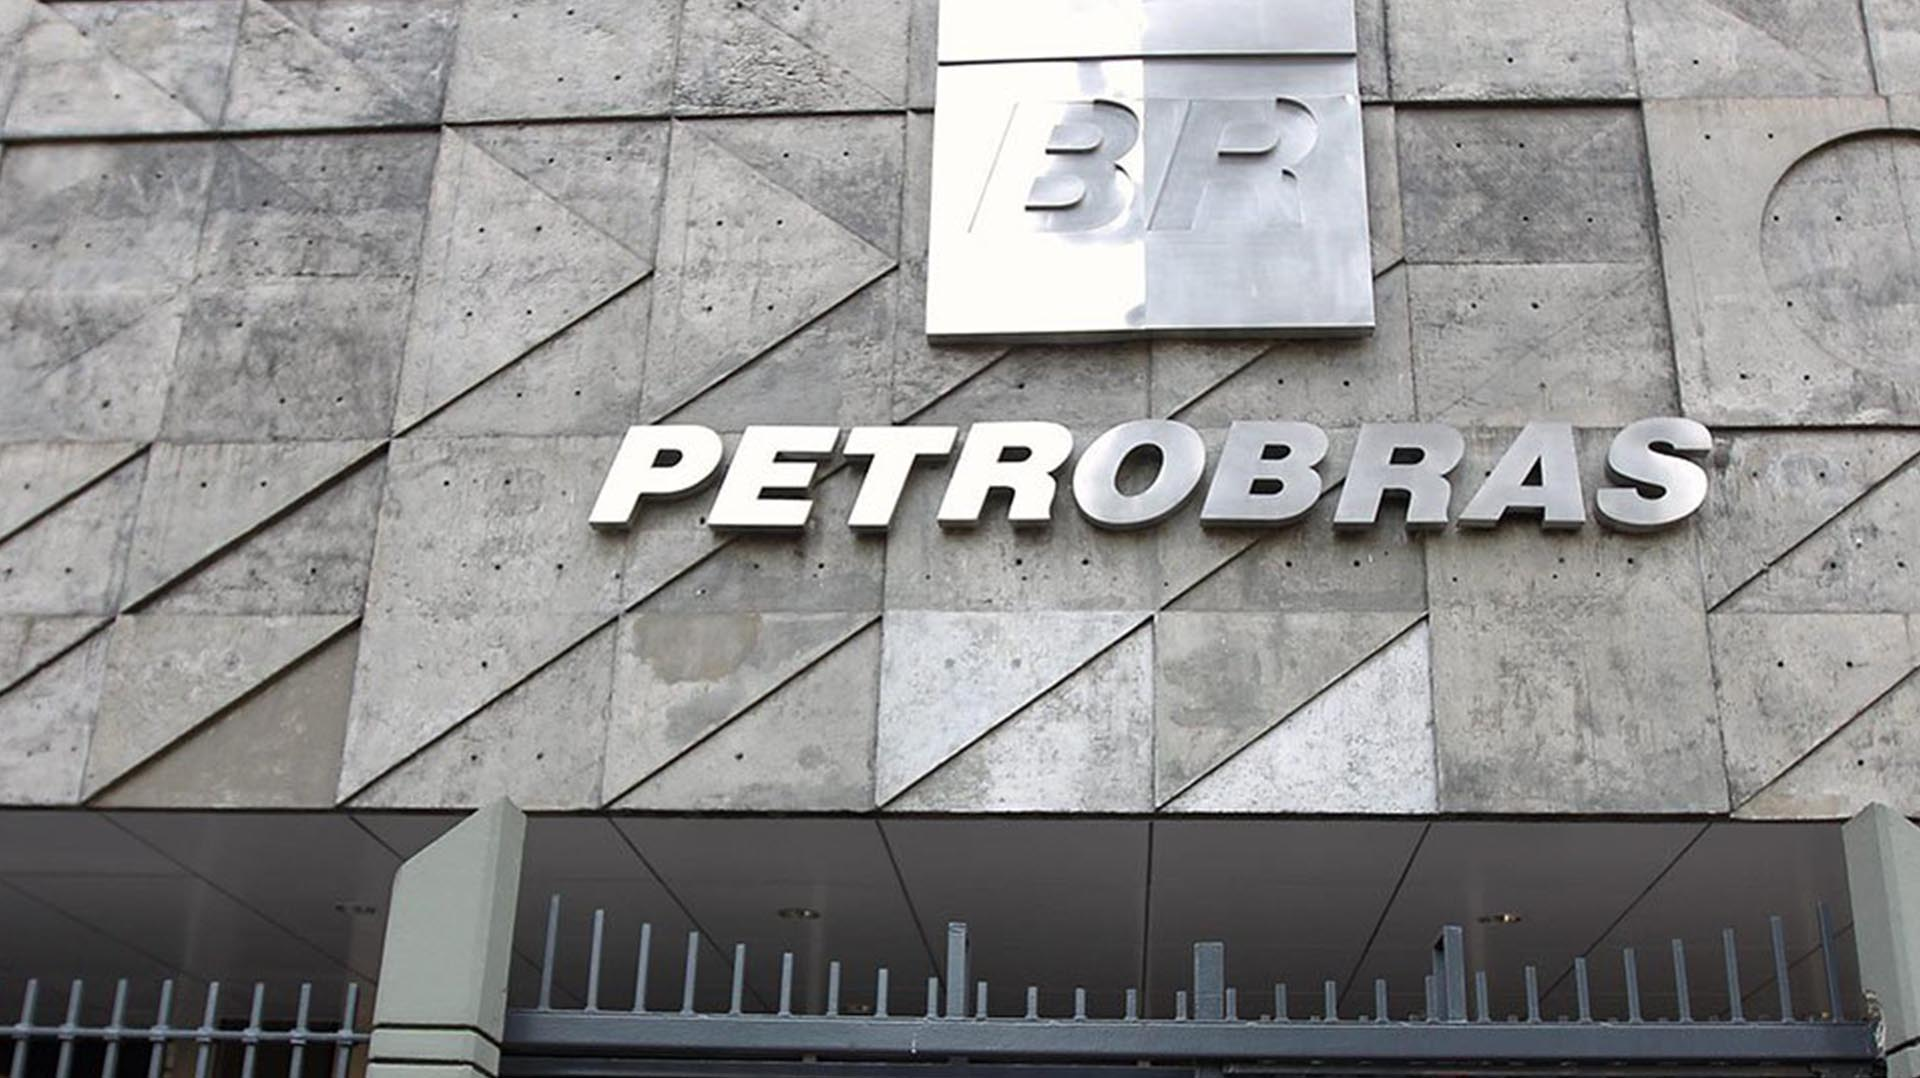 La petrolera estatal está en el eje de los escándalos de corrupción en Brasil.